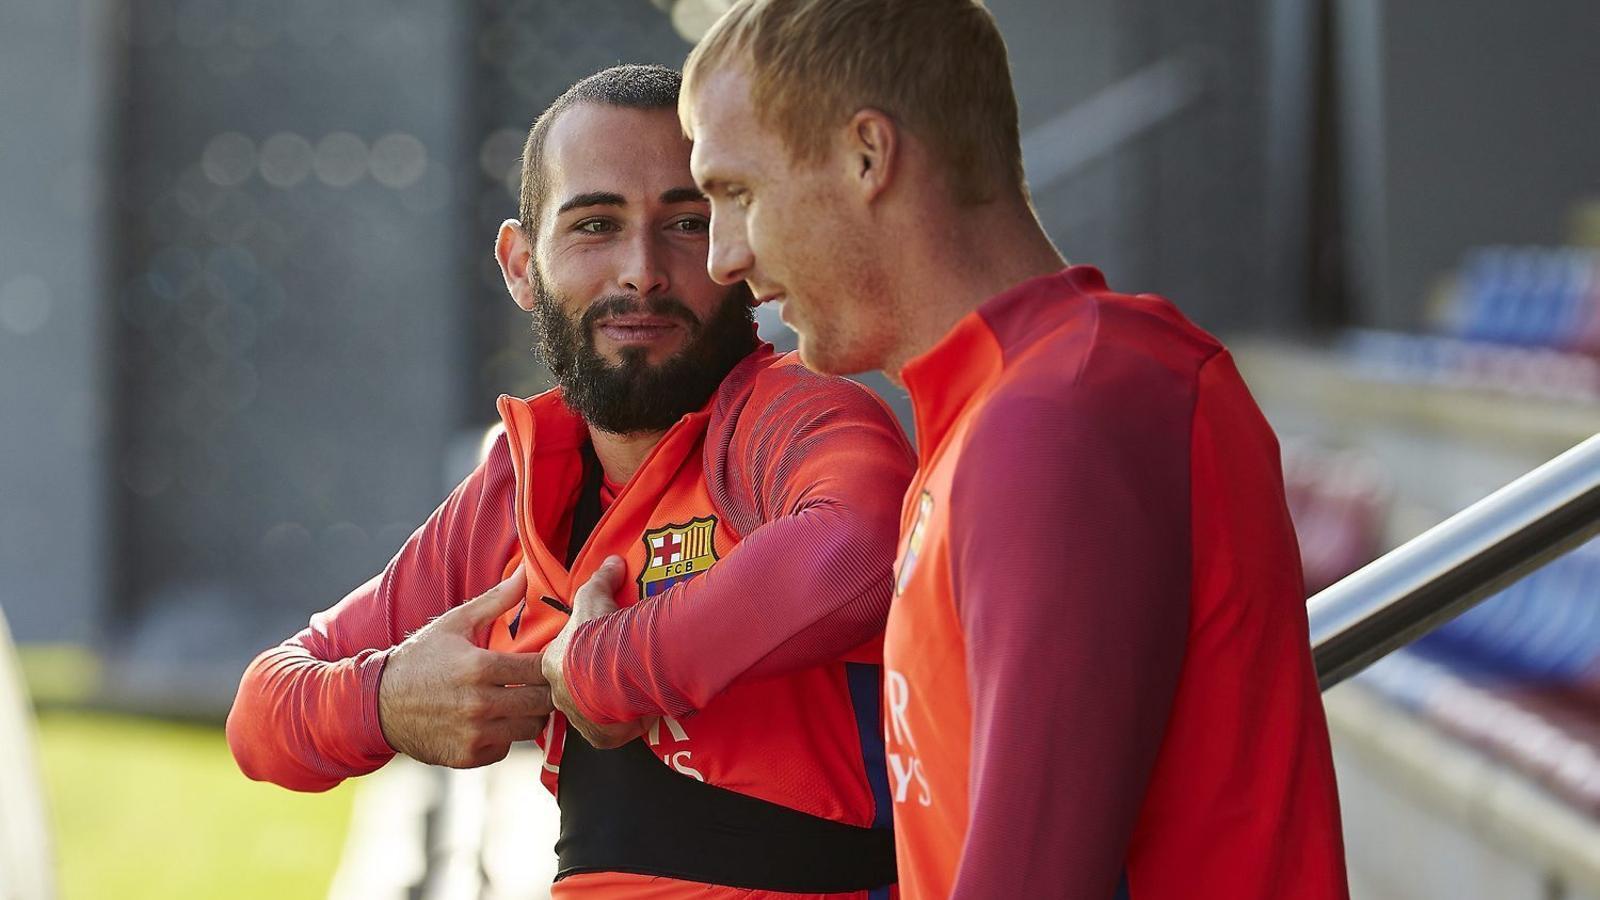 Aleix Vidal xerrant amb Mathieu just abans de l'últim entrenament abans de rebre el Deportivo de la Corunya.